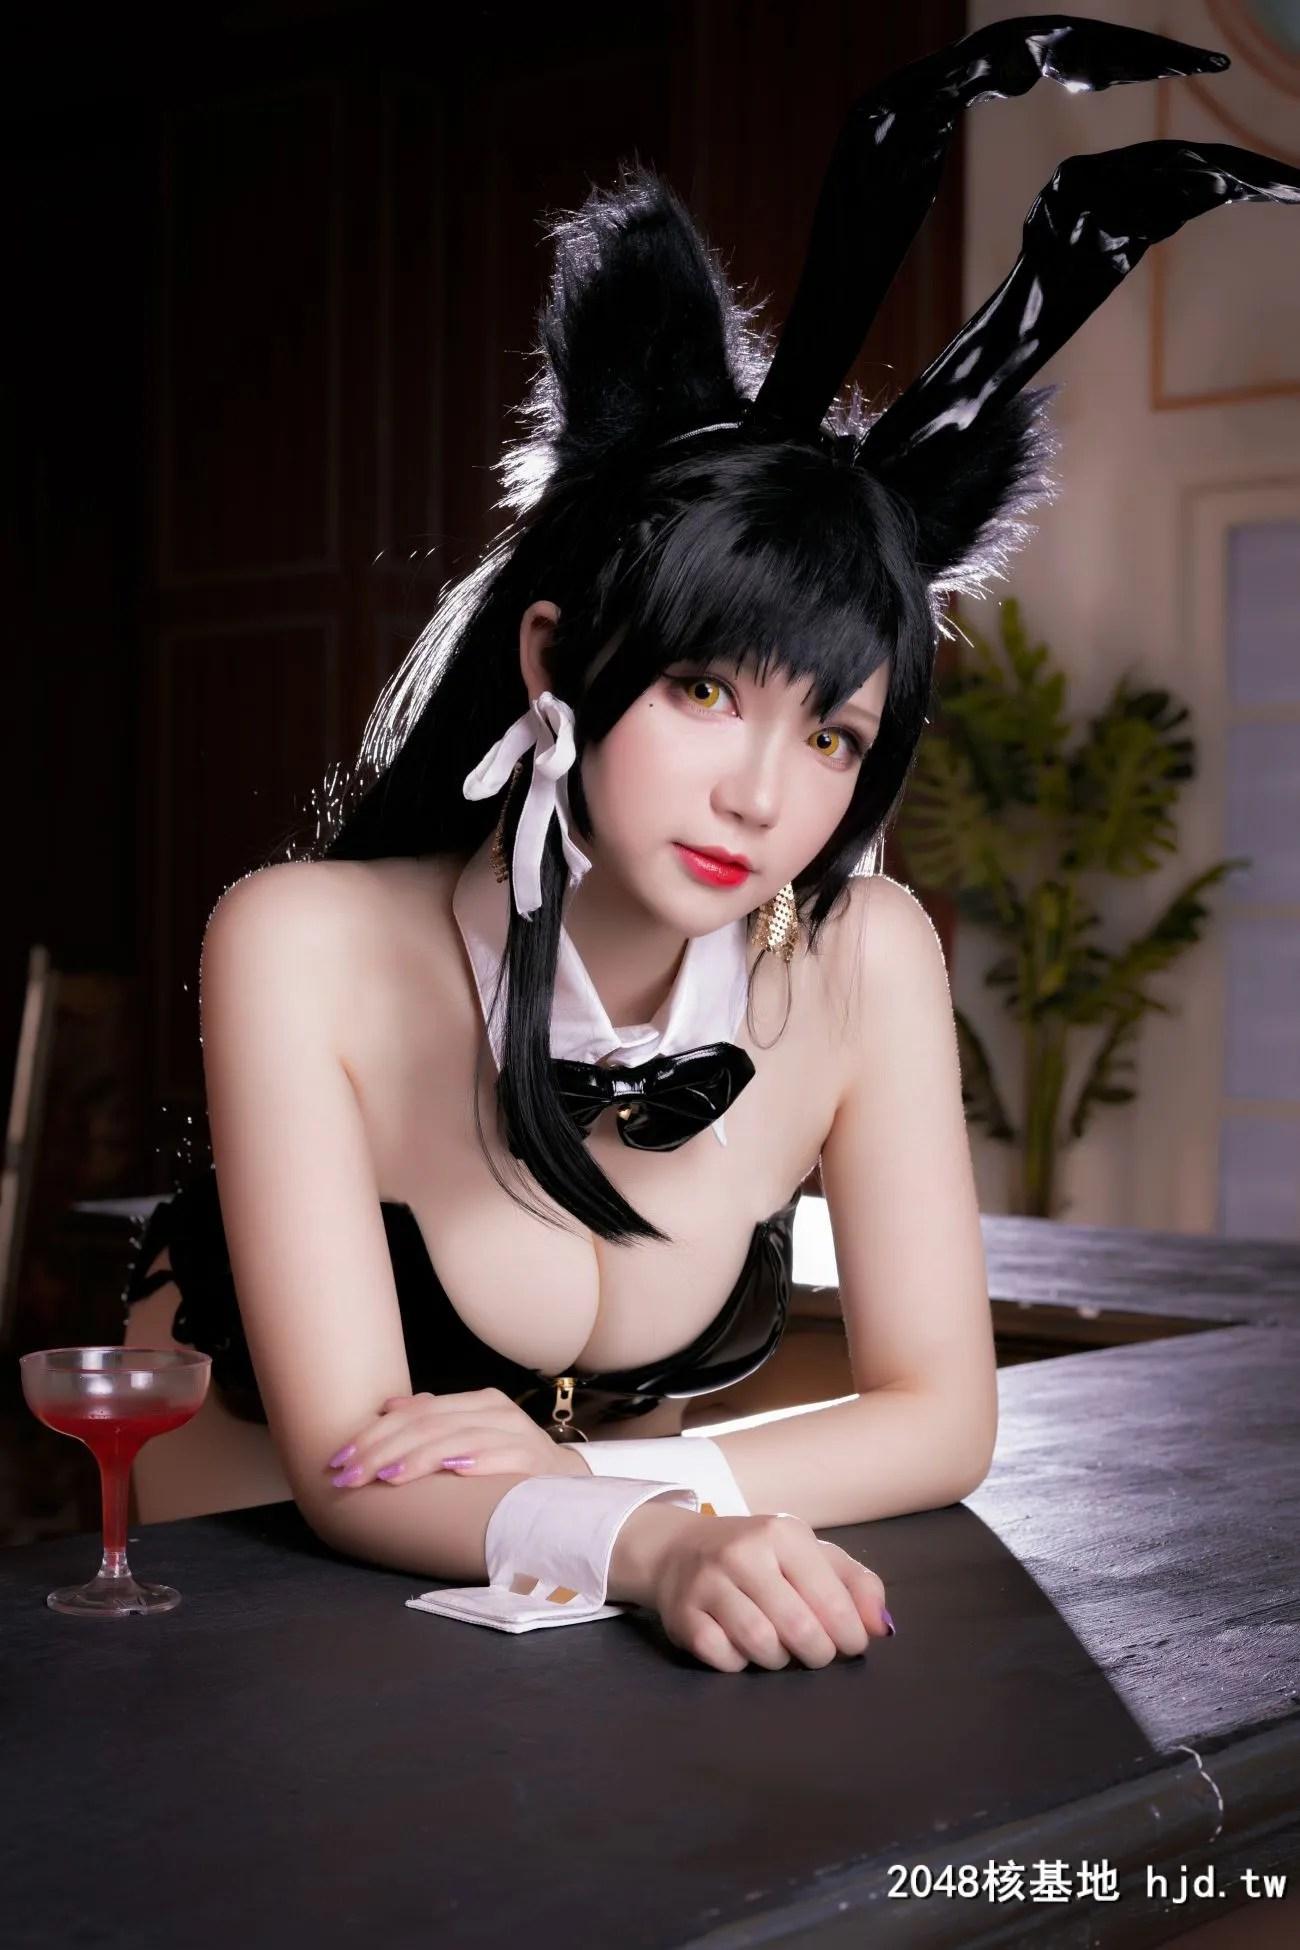 《碧蓝航线》爱宕性感黑丝吊带兔女郎Cosplay【CN:雪晴Astra-】 (30P)插图(2)